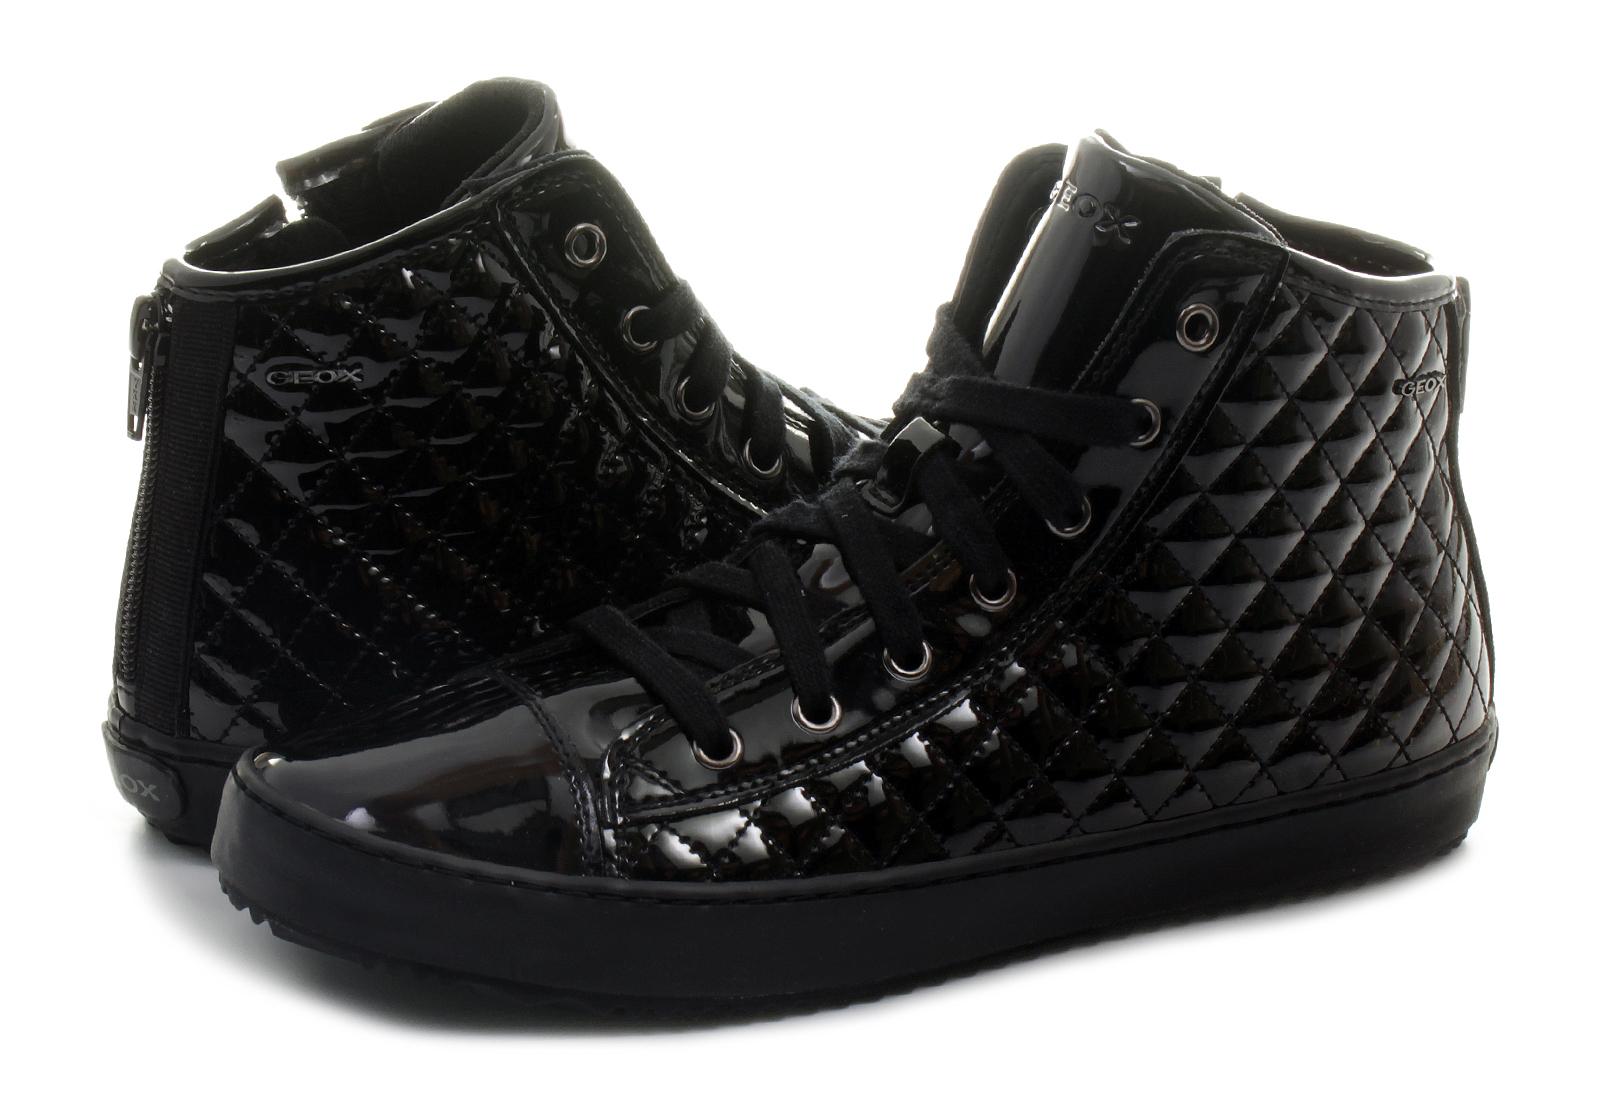 Geox Casual Crna Duboke Patike Kalispera Office Shoes Srbija